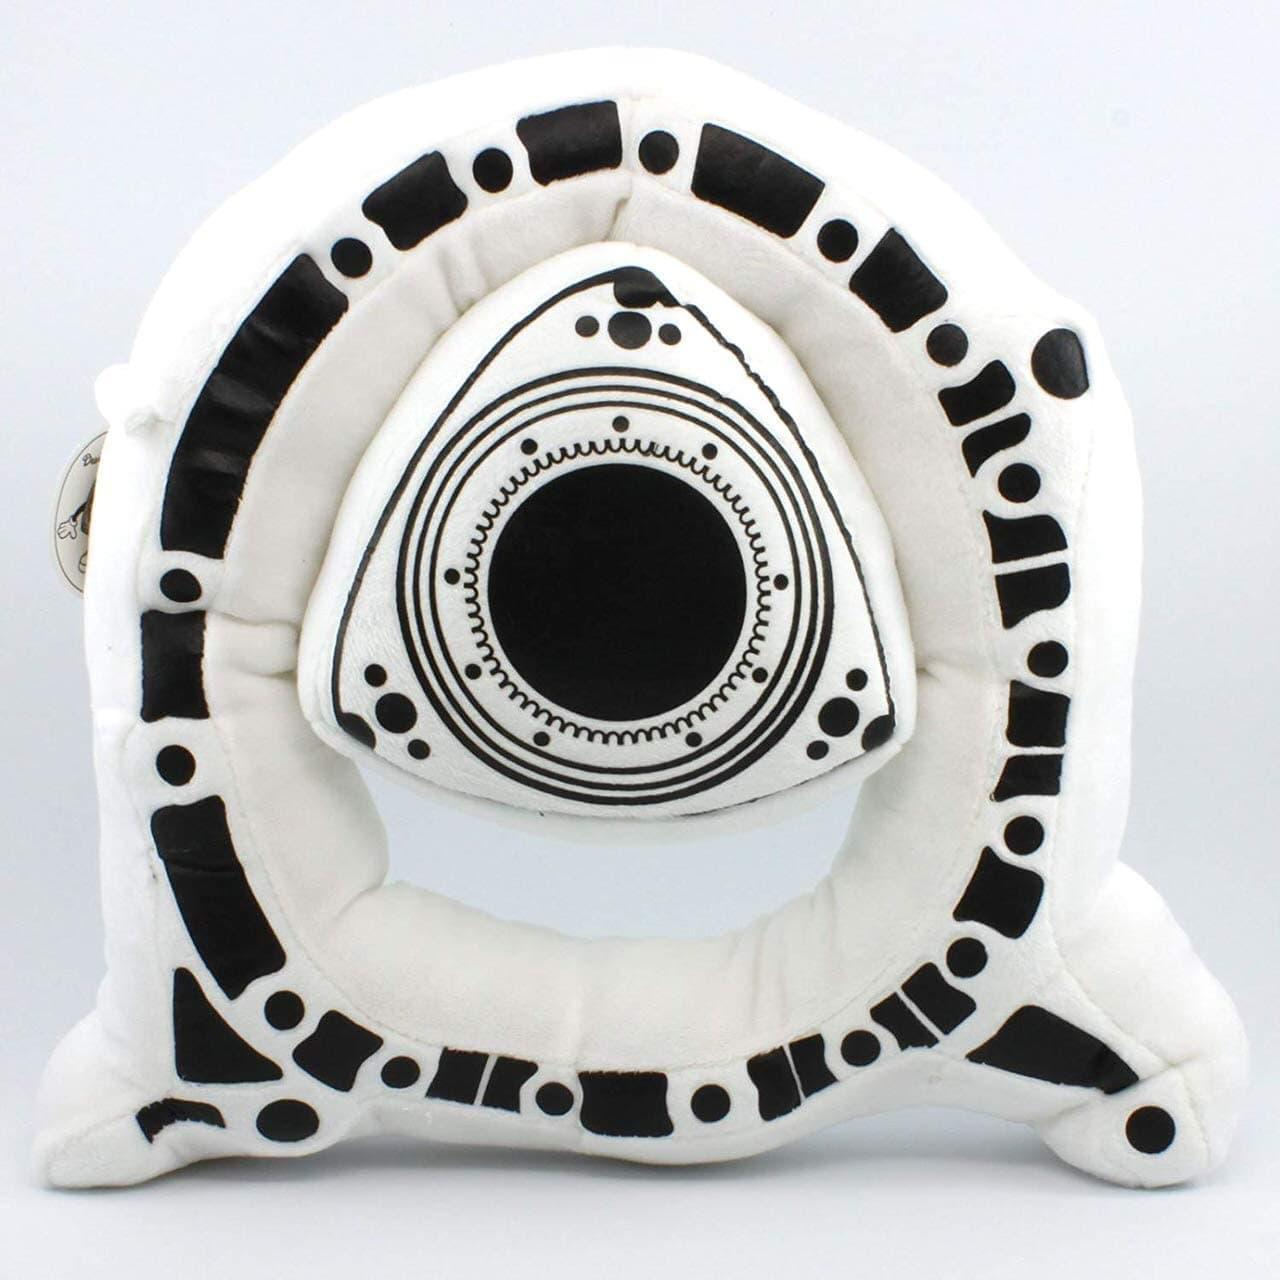 ロータリーエンジンデザインのクッション 「Rotary13B1」